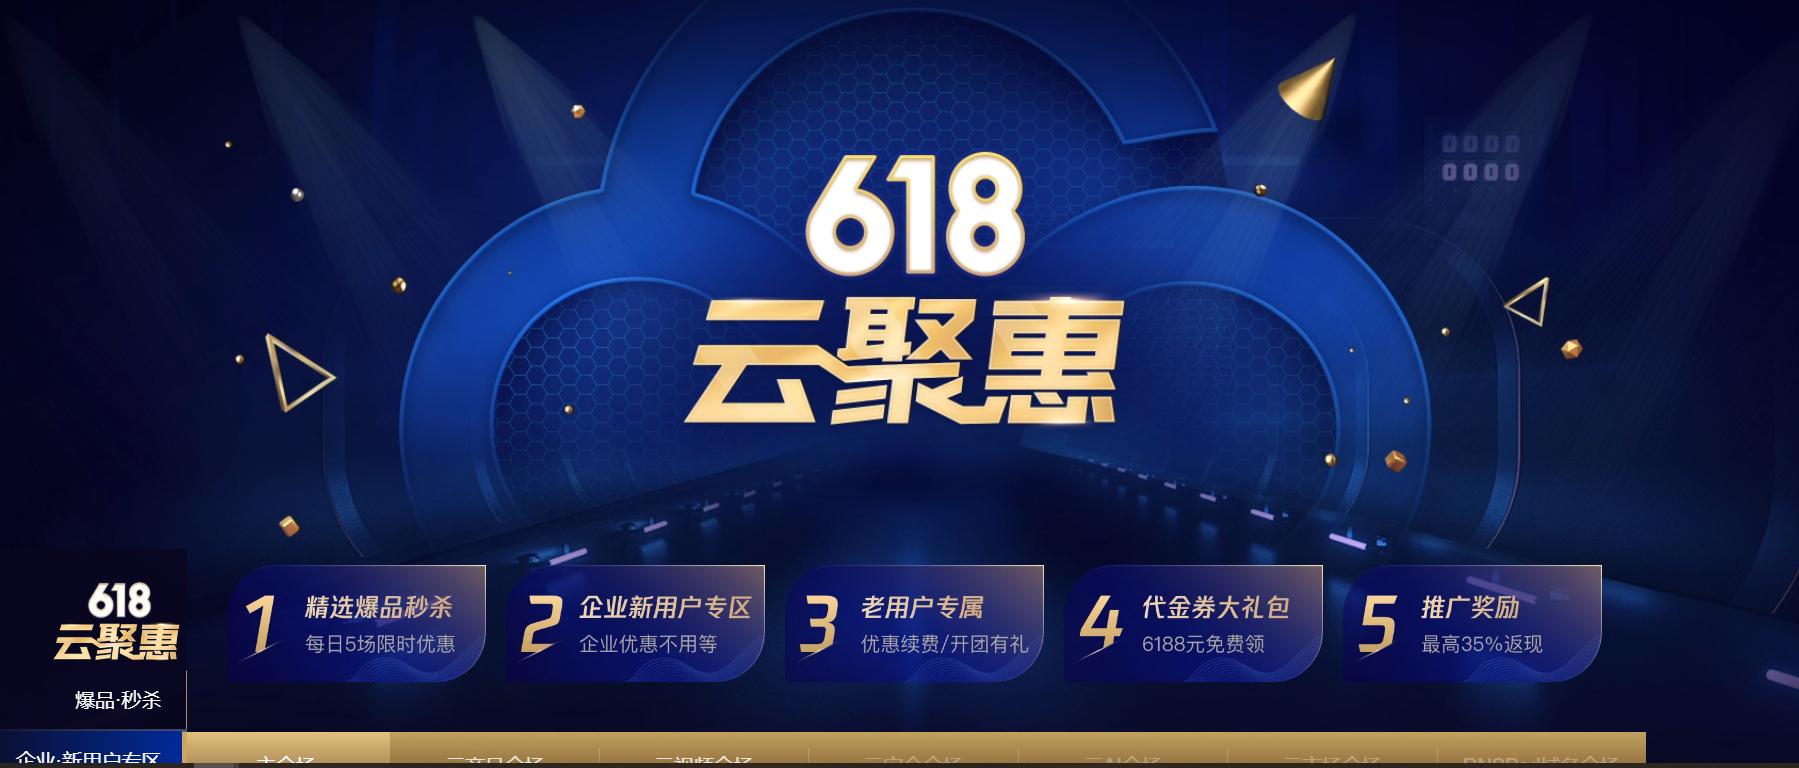 腾讯云618云聚惠活动 – 2G云服务器年95元/香港服务器3年888元插图